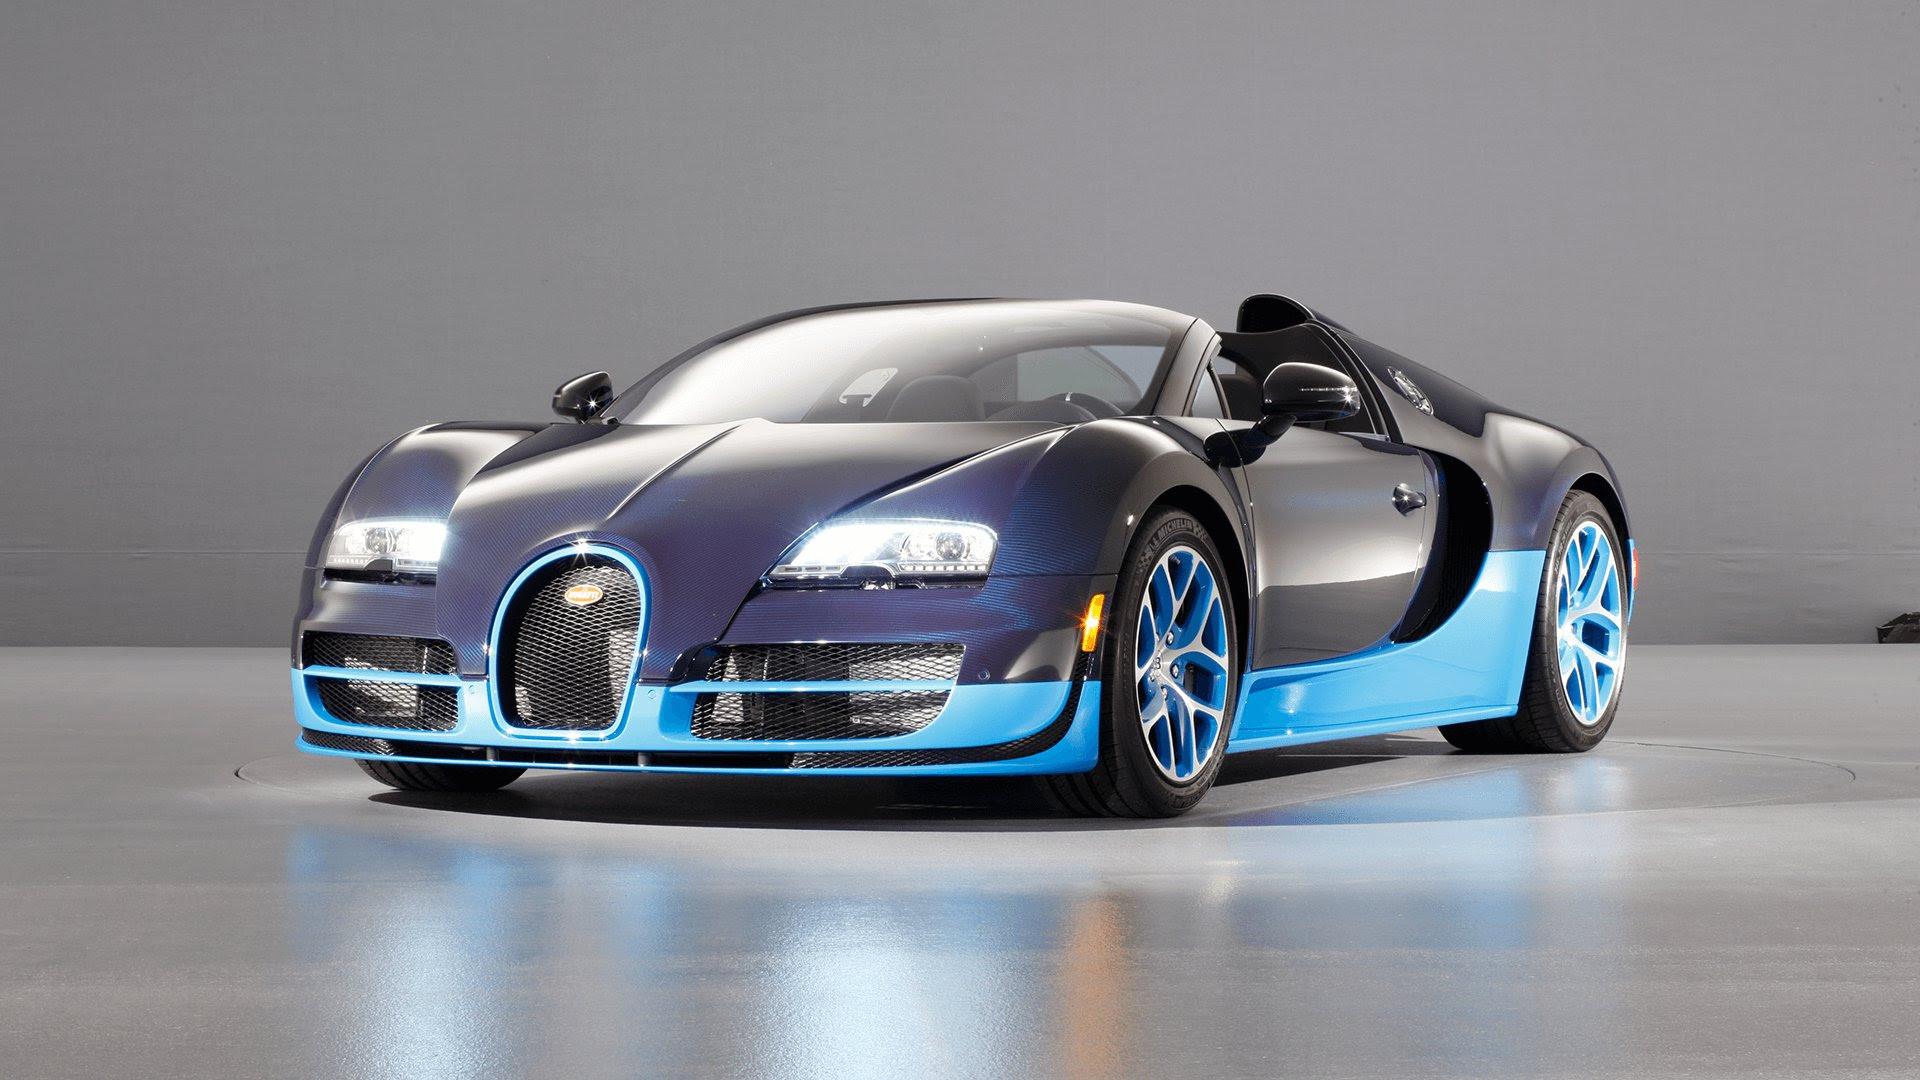 Bugatti Veyron Super Sport Wallpaper Bugatti Veyron Photo Shared